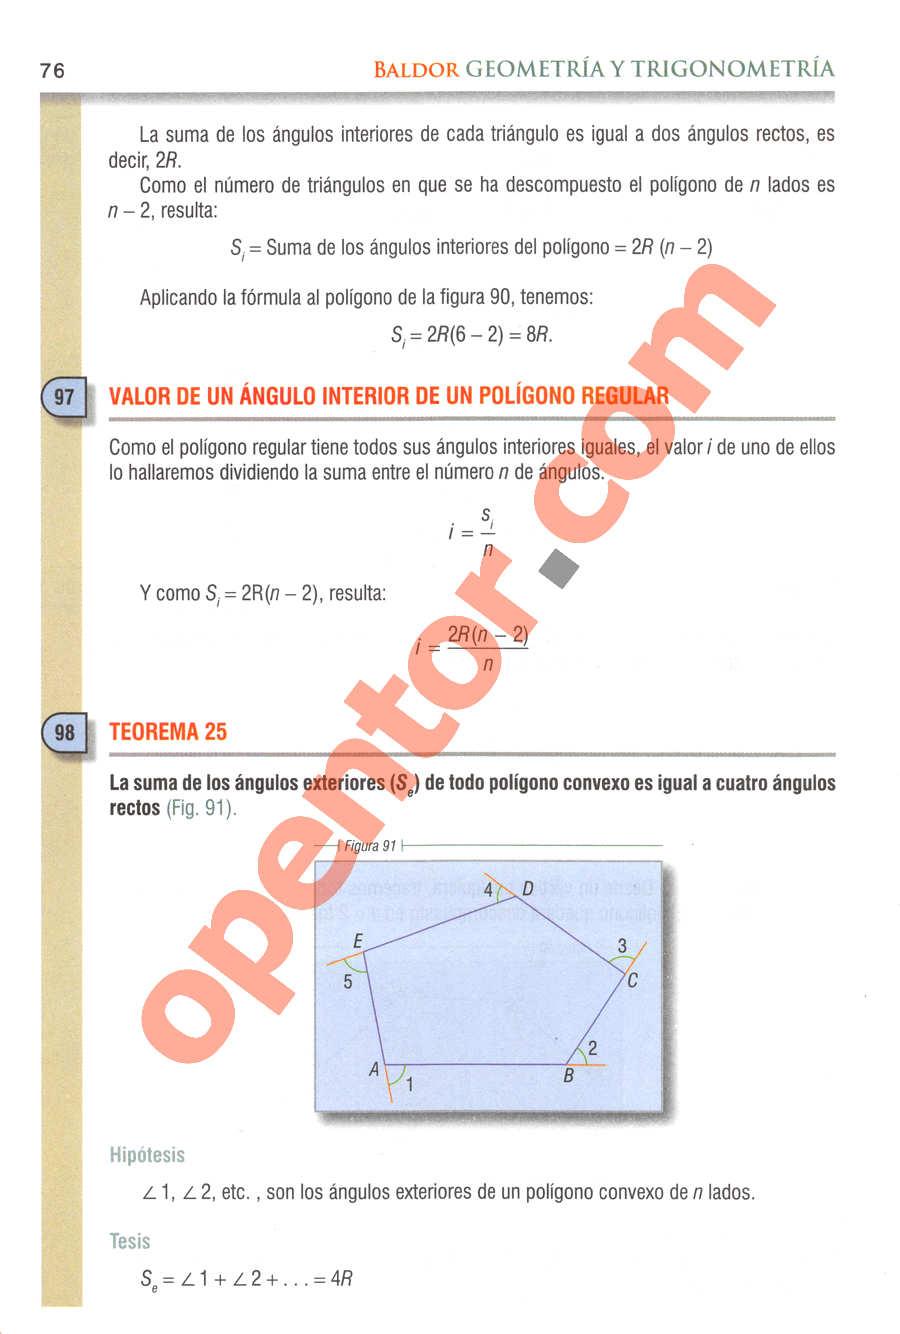 Geometría y Trigonometría de Baldor - Página 76